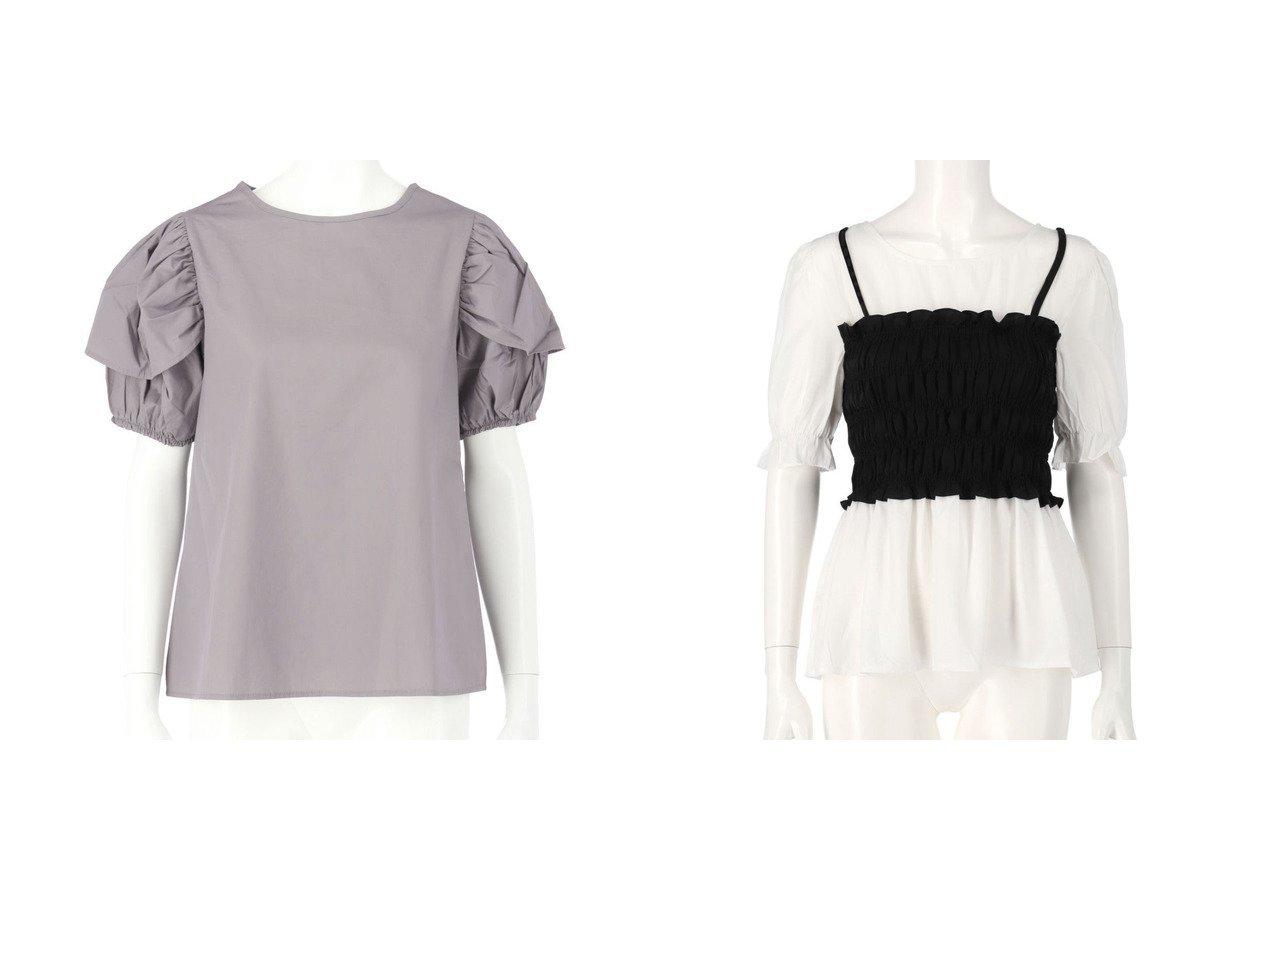 【CHILLE/チル】のCHILLE シャーリングビスチェドッキングブラウス&CHILLE パフスリーブボリュームブラウス おすすめ!人気トレンド・レディースファッション通販 おすすめで人気の流行・トレンド、ファッションの通販商品 インテリア・家具・メンズファッション・キッズファッション・レディースファッション・服の通販 founy(ファニー) https://founy.com/ ファッション Fashion レディースファッション WOMEN トップス・カットソー Tops/Tshirt シャツ/ブラウス Shirts/Blouses ビスチェ Bustier 春 Spring ストレッチ デニム フェミニン フレア 無地 ループ 2021年 2021 S/S・春夏 SS・Spring/Summer 2021春夏・S/S SS/Spring/Summer/2021 夏 Summer |ID:crp329100000054545